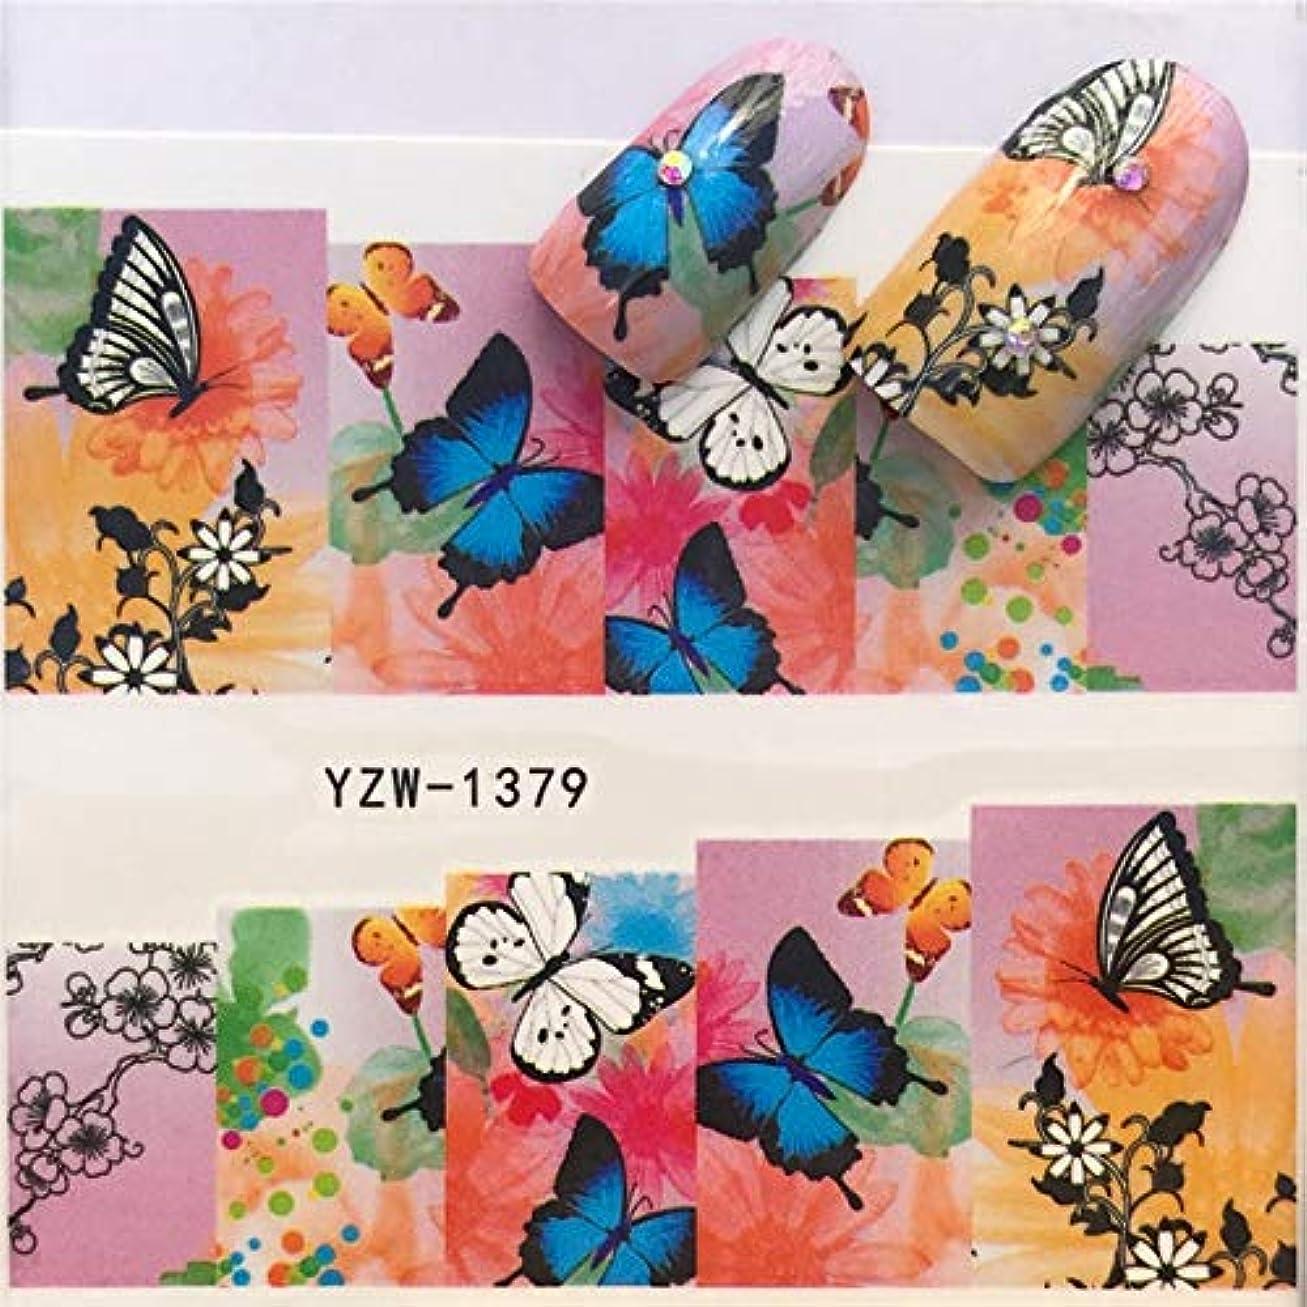 政治的傾くクルーCELINEZL CELINEZL 3ピースネイルステッカーセットデカールウォータースライダースライダーネイルアートデコレーション、色:YZW1379